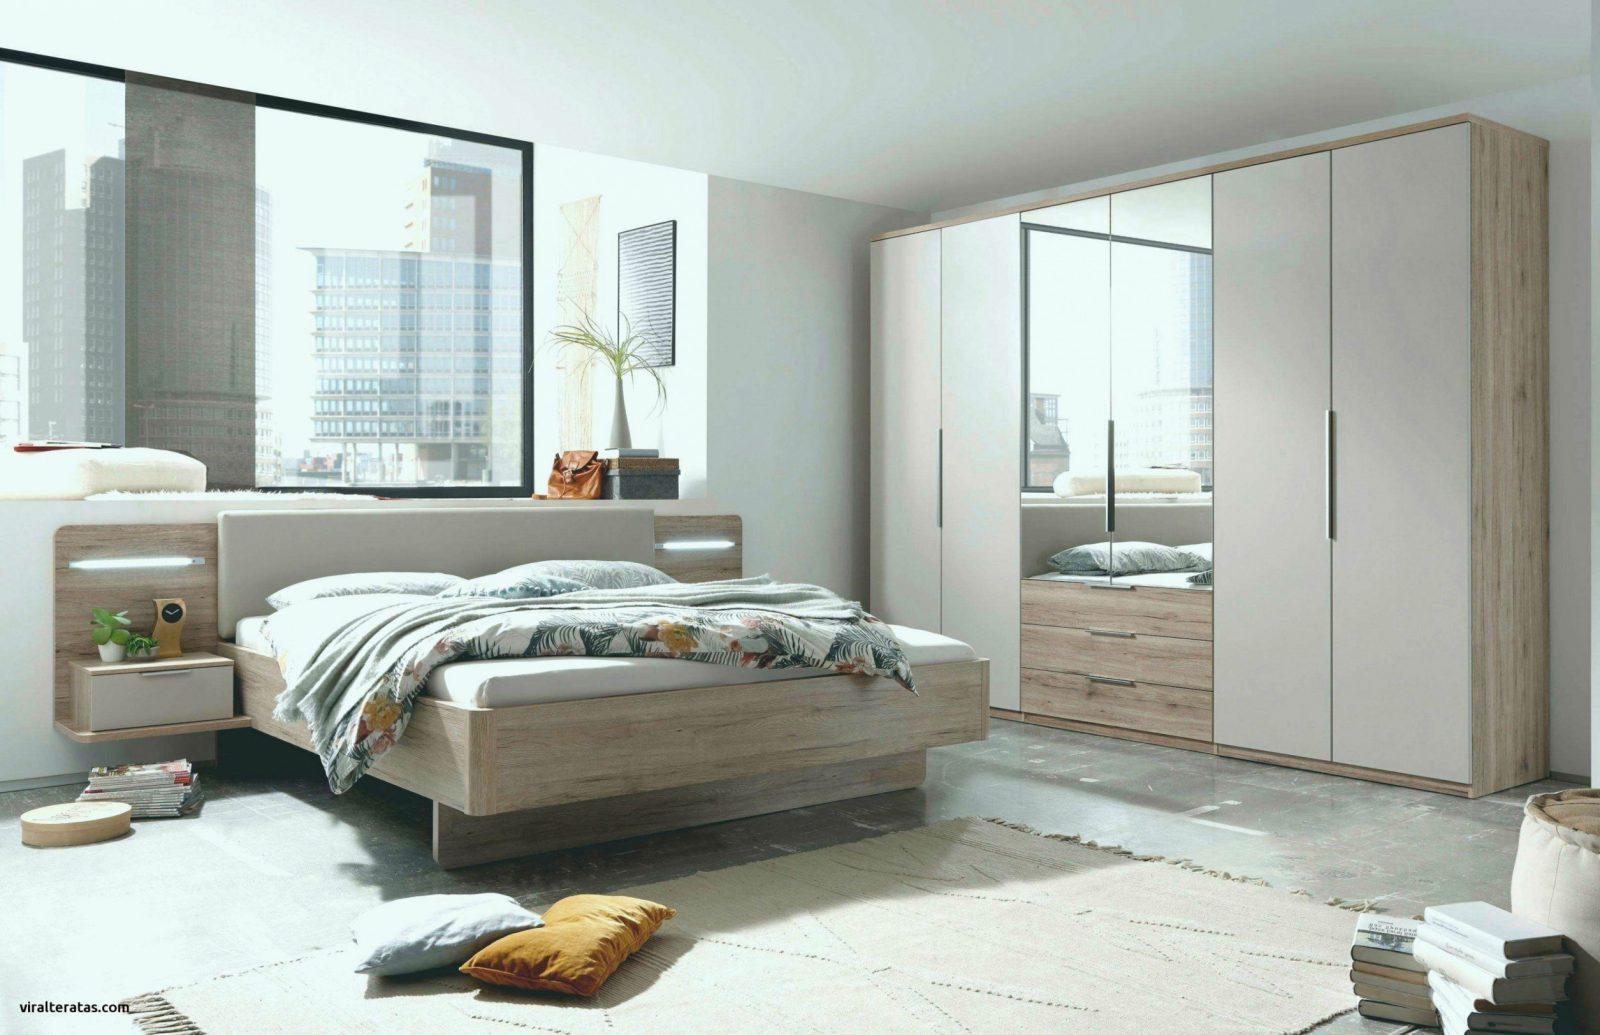 Schlafzimmer Ideen Modern — Temobardz Home Blog von Schlafzimmer Einrichten Ideen Bild